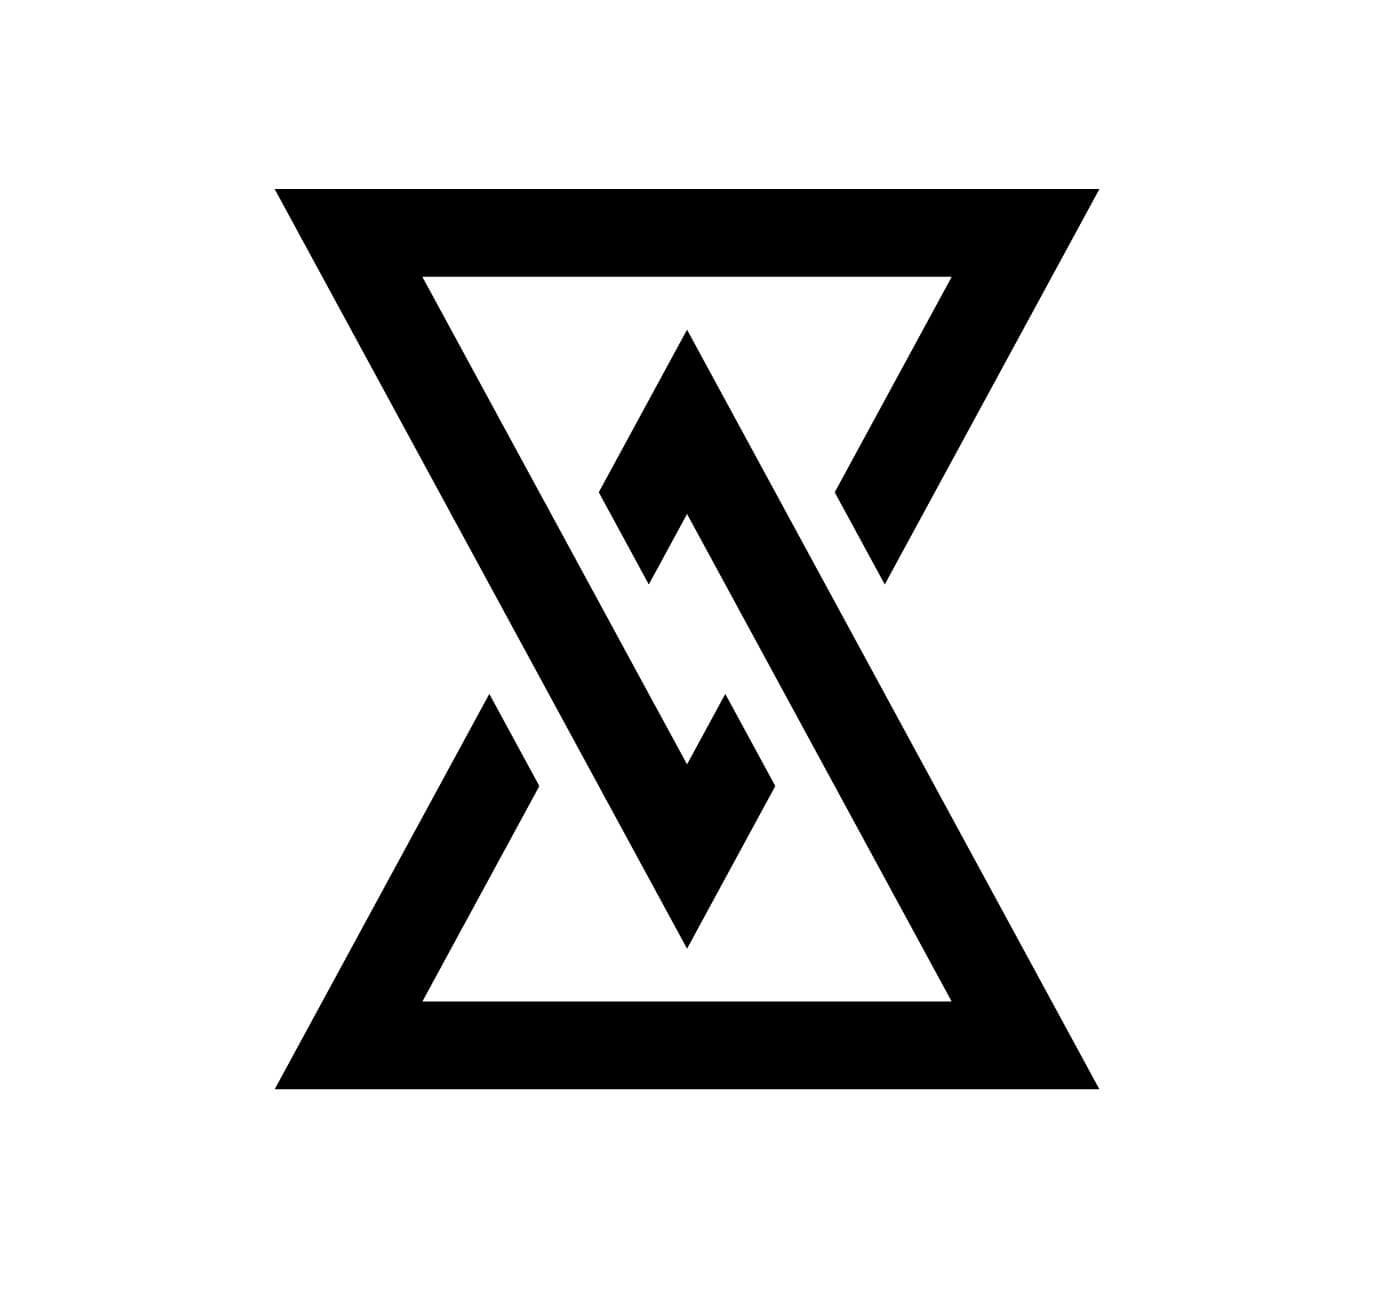 株式会社エイトのロゴ写真